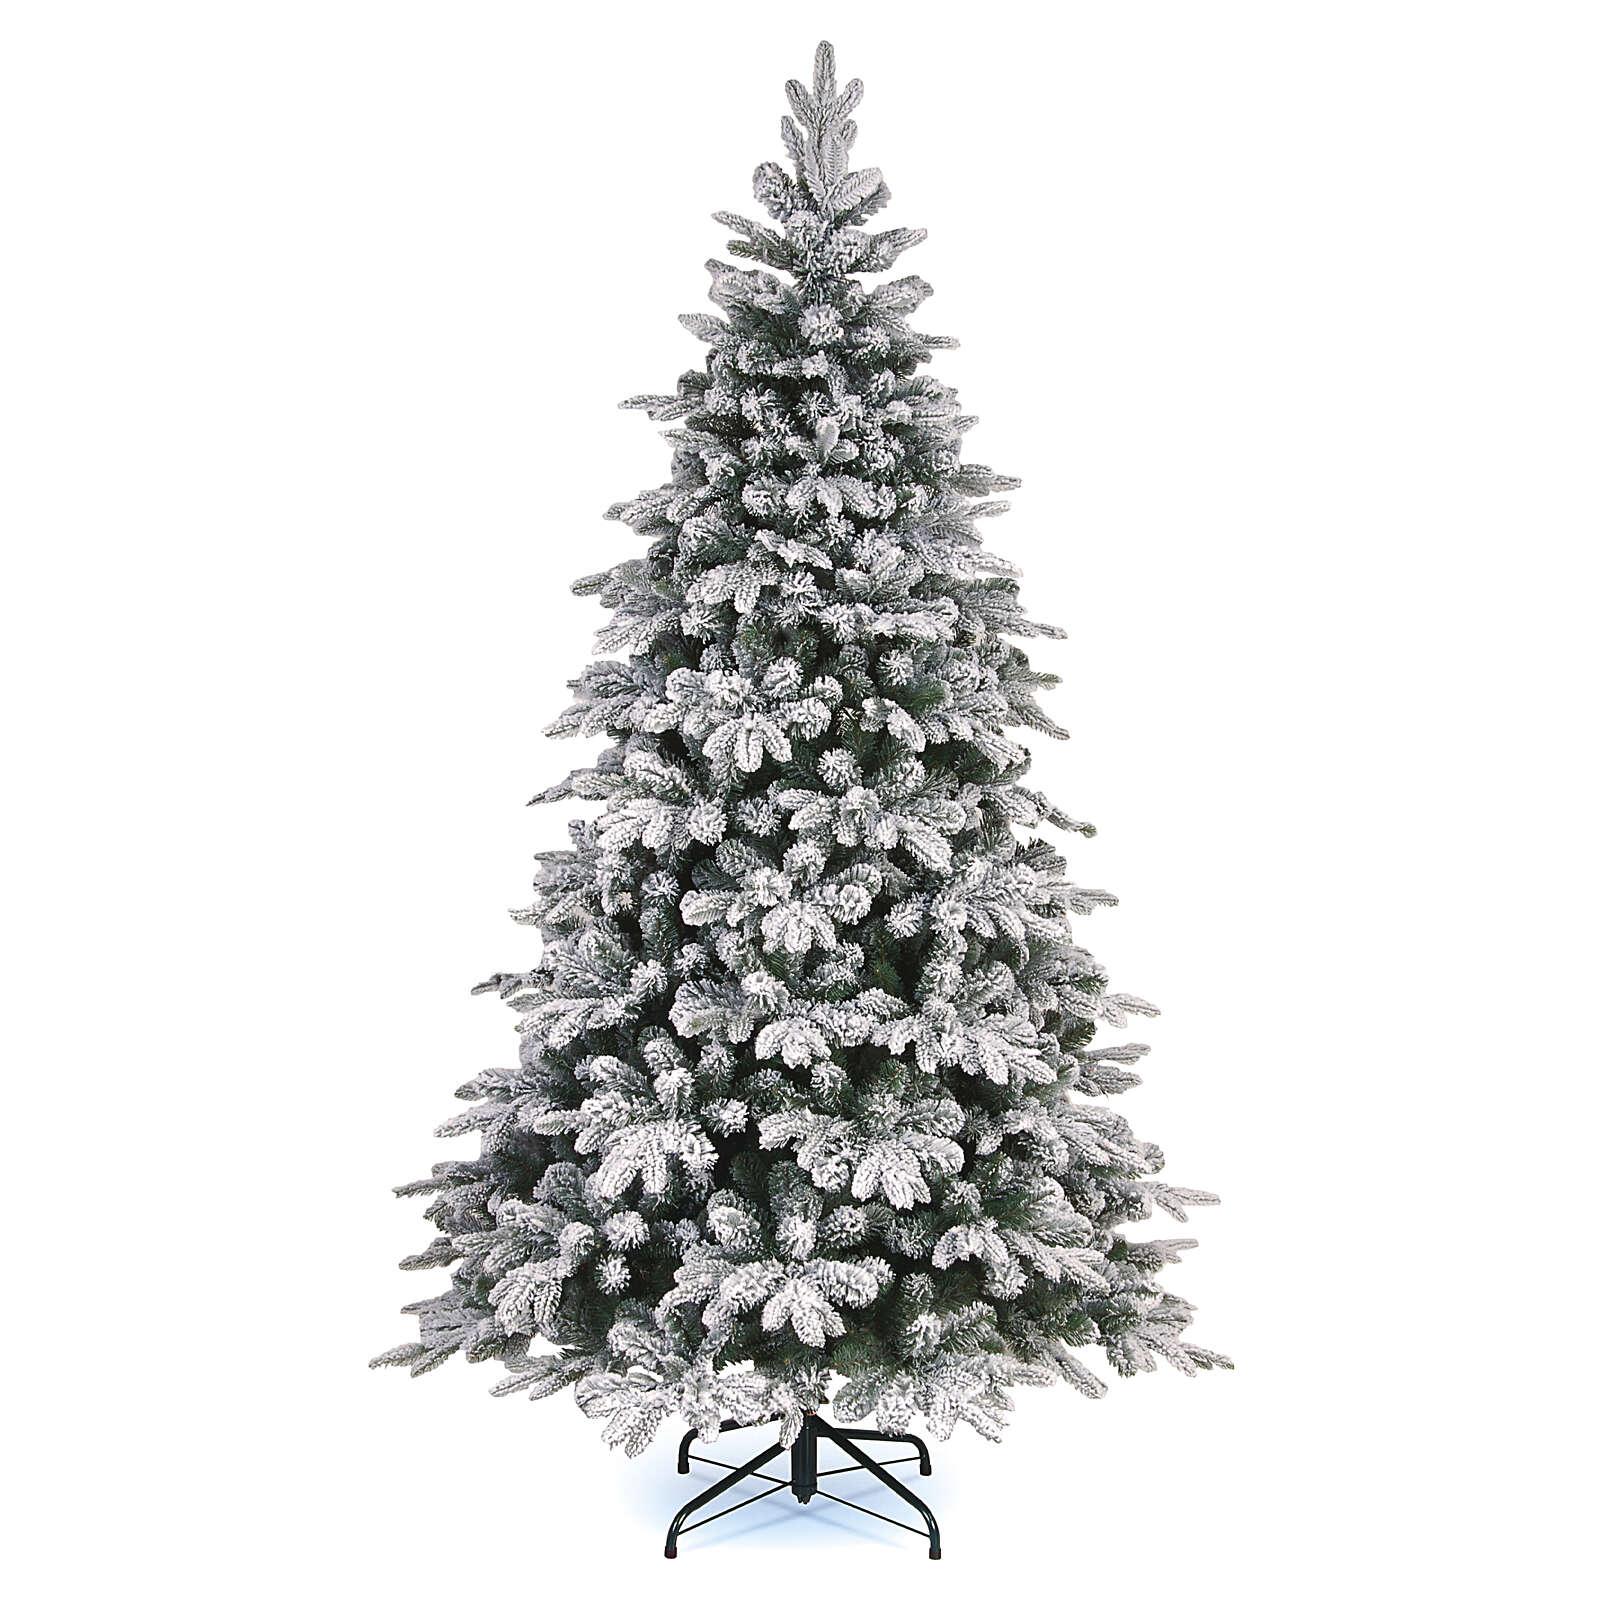 Weihnachtsbaum Everest aus Polyethylen mit Schneeeffekt, 240 cm 3